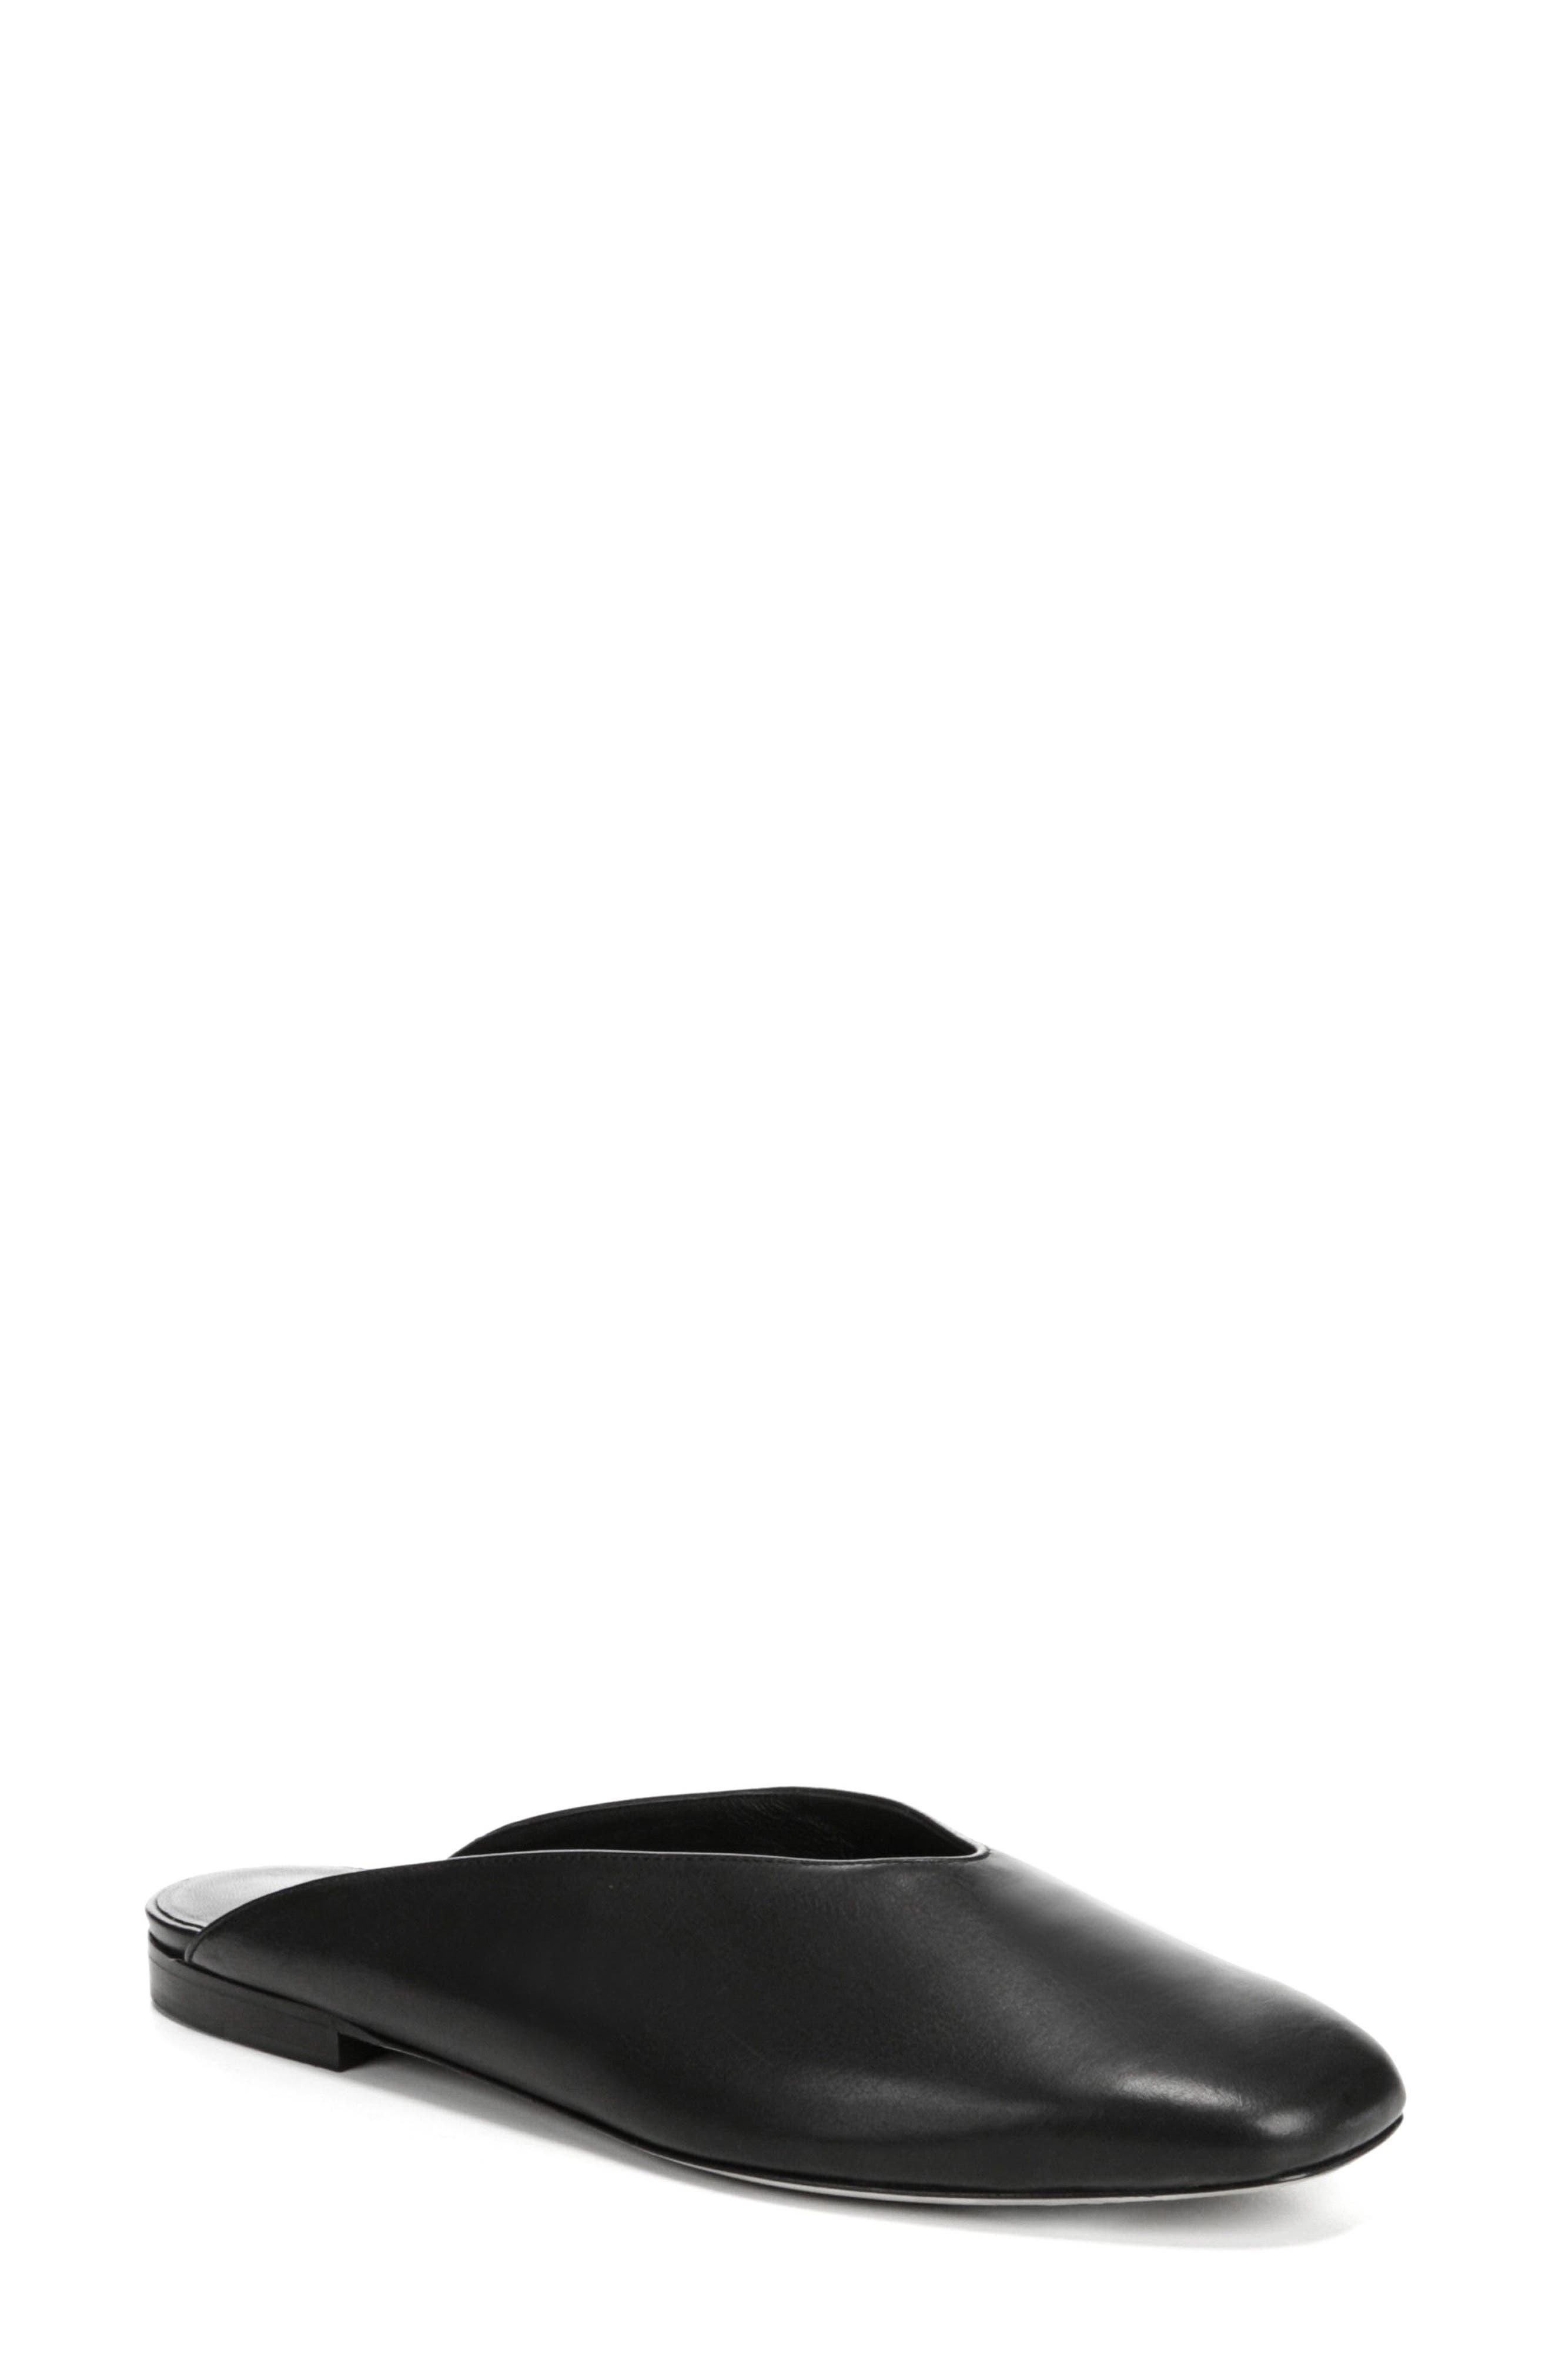 Levins V-Cut Mule,                         Main,                         color, BLACK